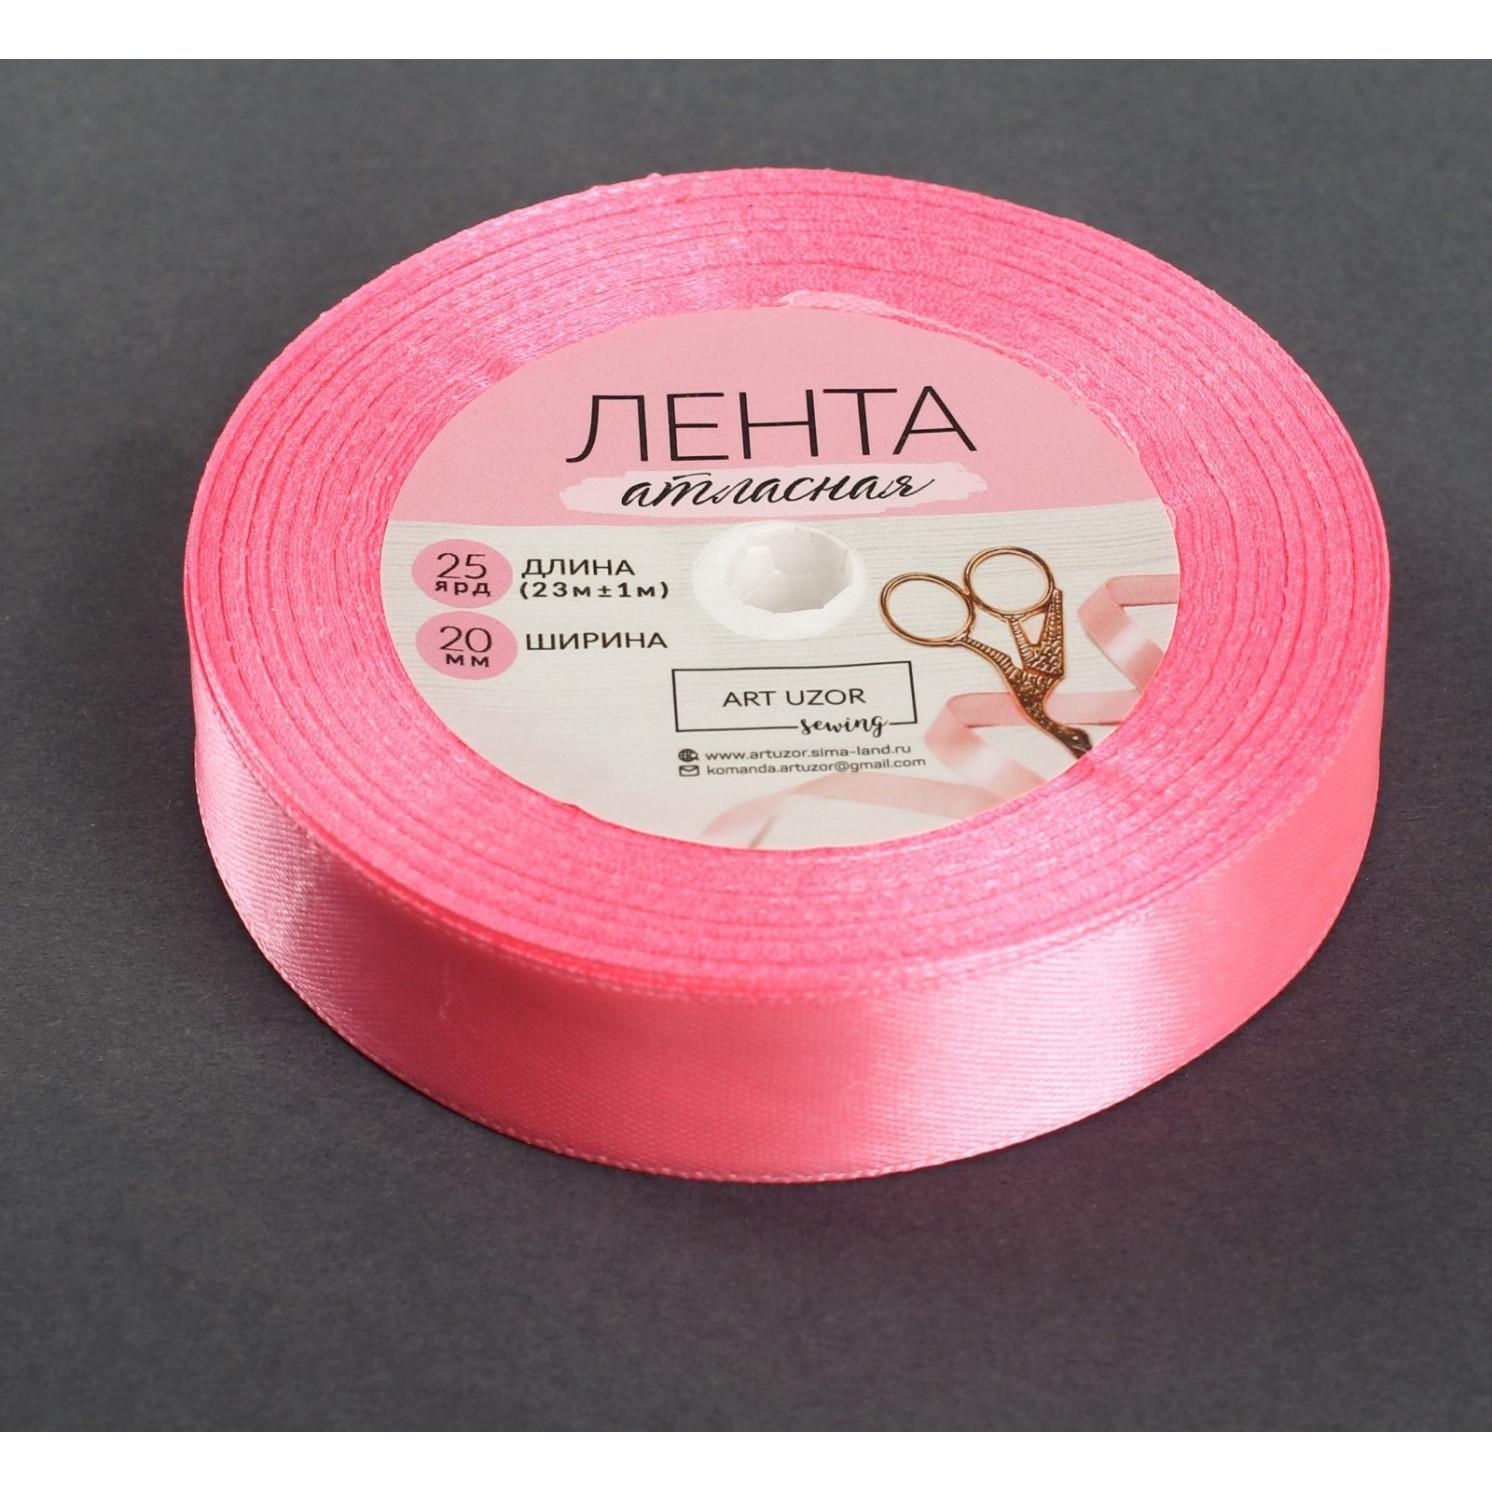 Лента атласная, 20 мм × 23 ± 1 м, цвет ярко-розовый №05